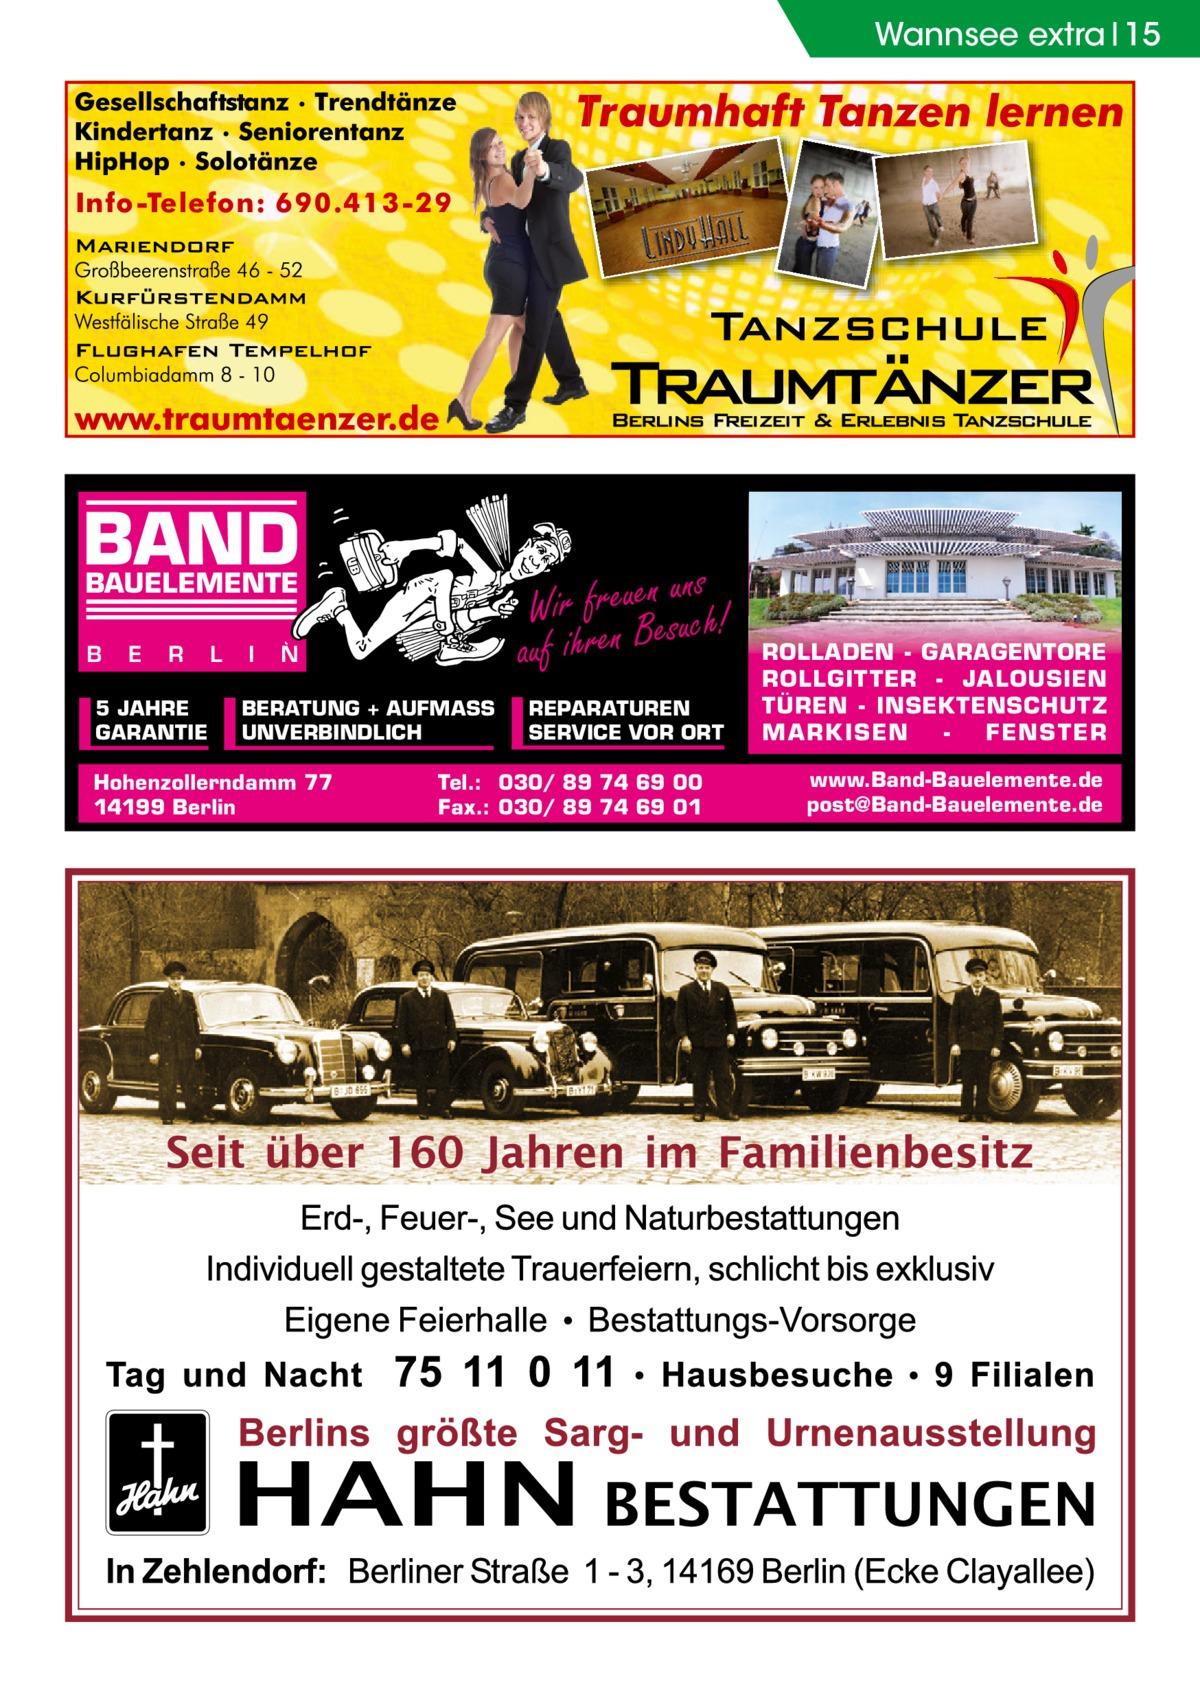 Wannsee extra 15  BAND  ns Wir freuenesuuch! auf ihren B  BAUELEMENTE B  E  R  5 JAHRE GARANTIE  L  I  N  BERATUNG + AUFMASS UNVERBINDLICH  Hohenzollerndamm 77 14199 Berlin  REPARATUREN SERVICE VOR ORT  Tel.: 030/ 89 74 69 00 Fax.: 030/ 89 74 69 01  ROLLADEN - GARAGENTORE ROLLGITTER - JALOUSIEN TÜREN - INSEKTENSCHUTZ M A RK ISEN FENS T ER www.Band-Bauelemente.de post@Band-Bauelemente.de